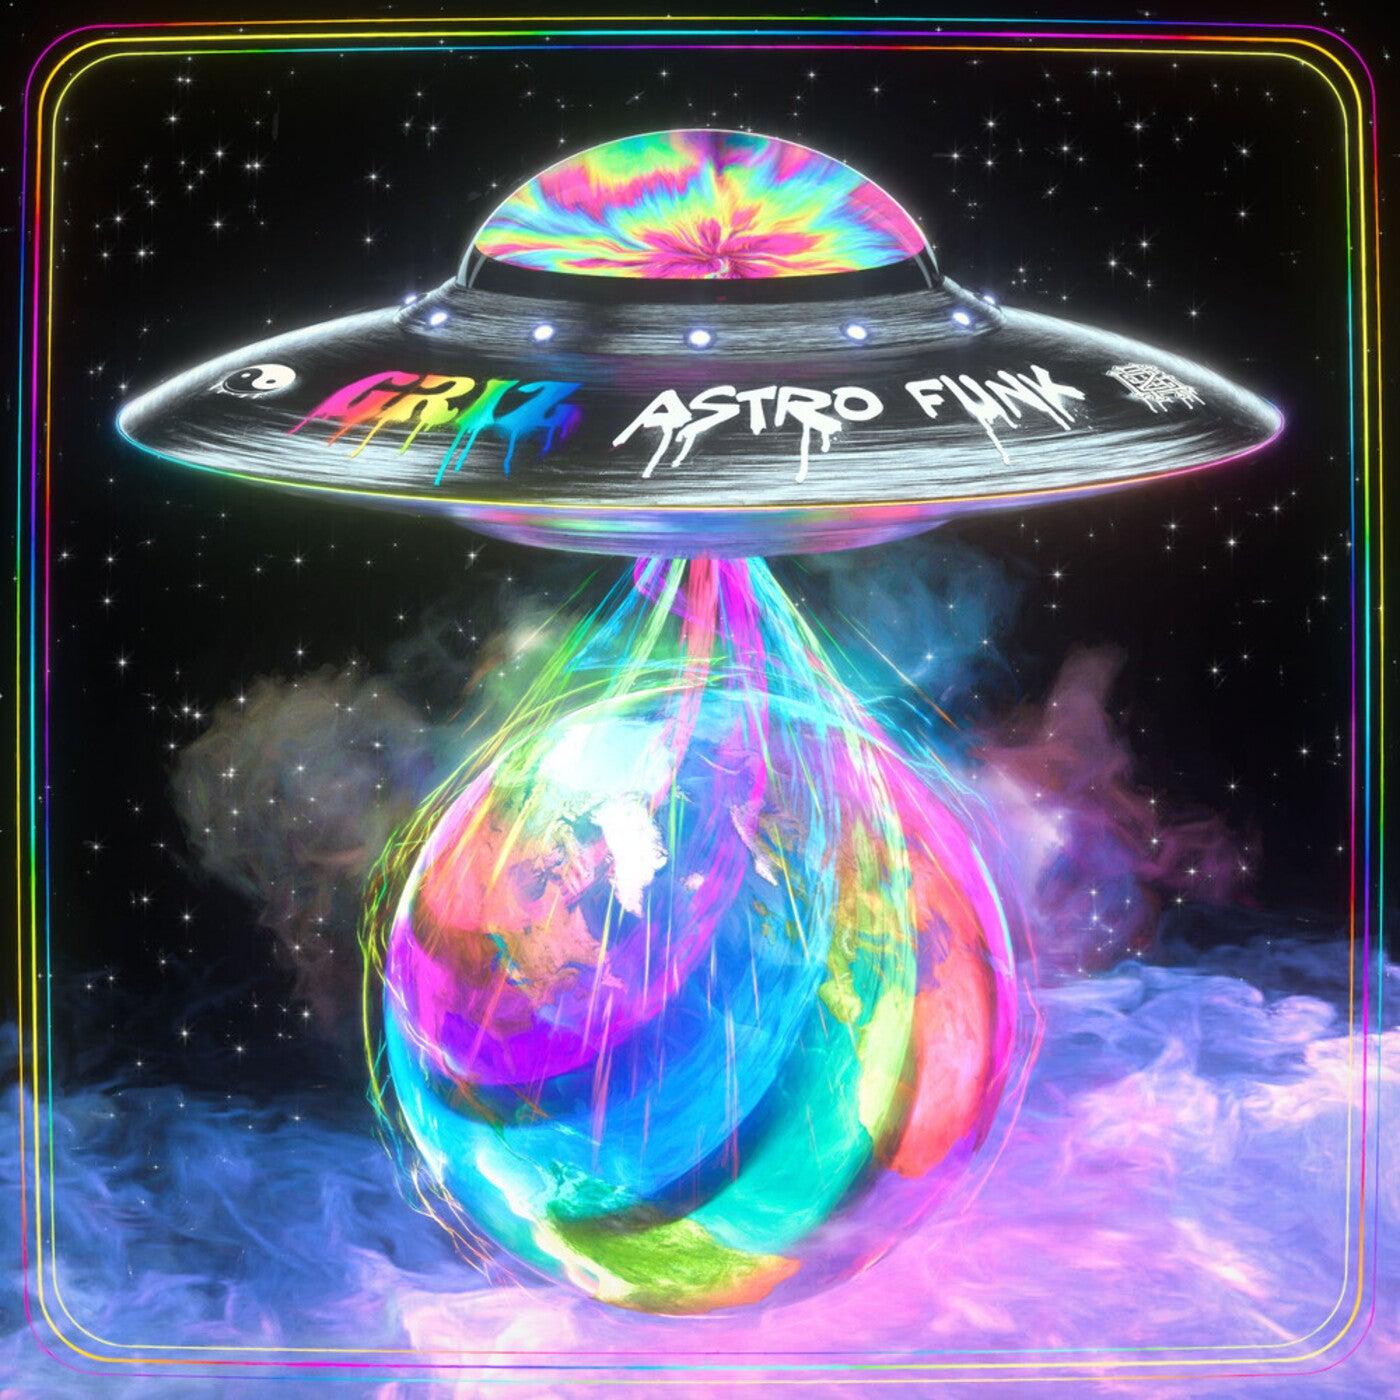 Astro Funk (Original Mix)